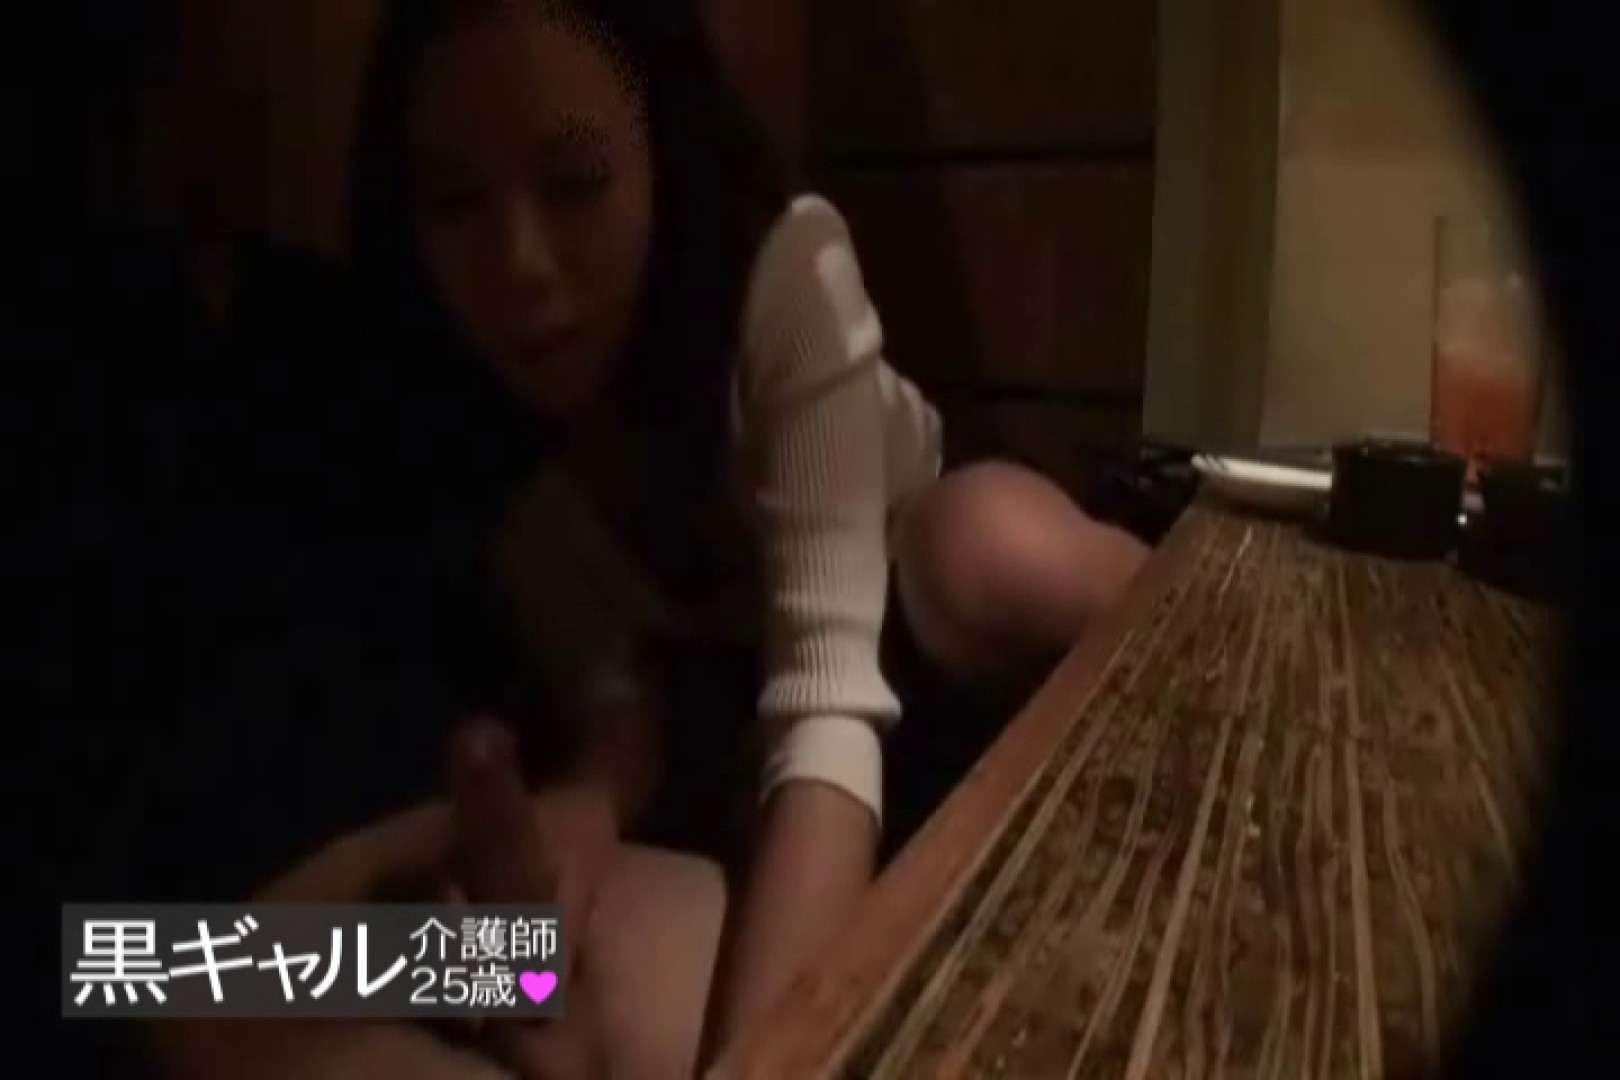 独占入手 従順M黒ギャル介護師25歳vol.3 ナンパ | 車  91連発 32